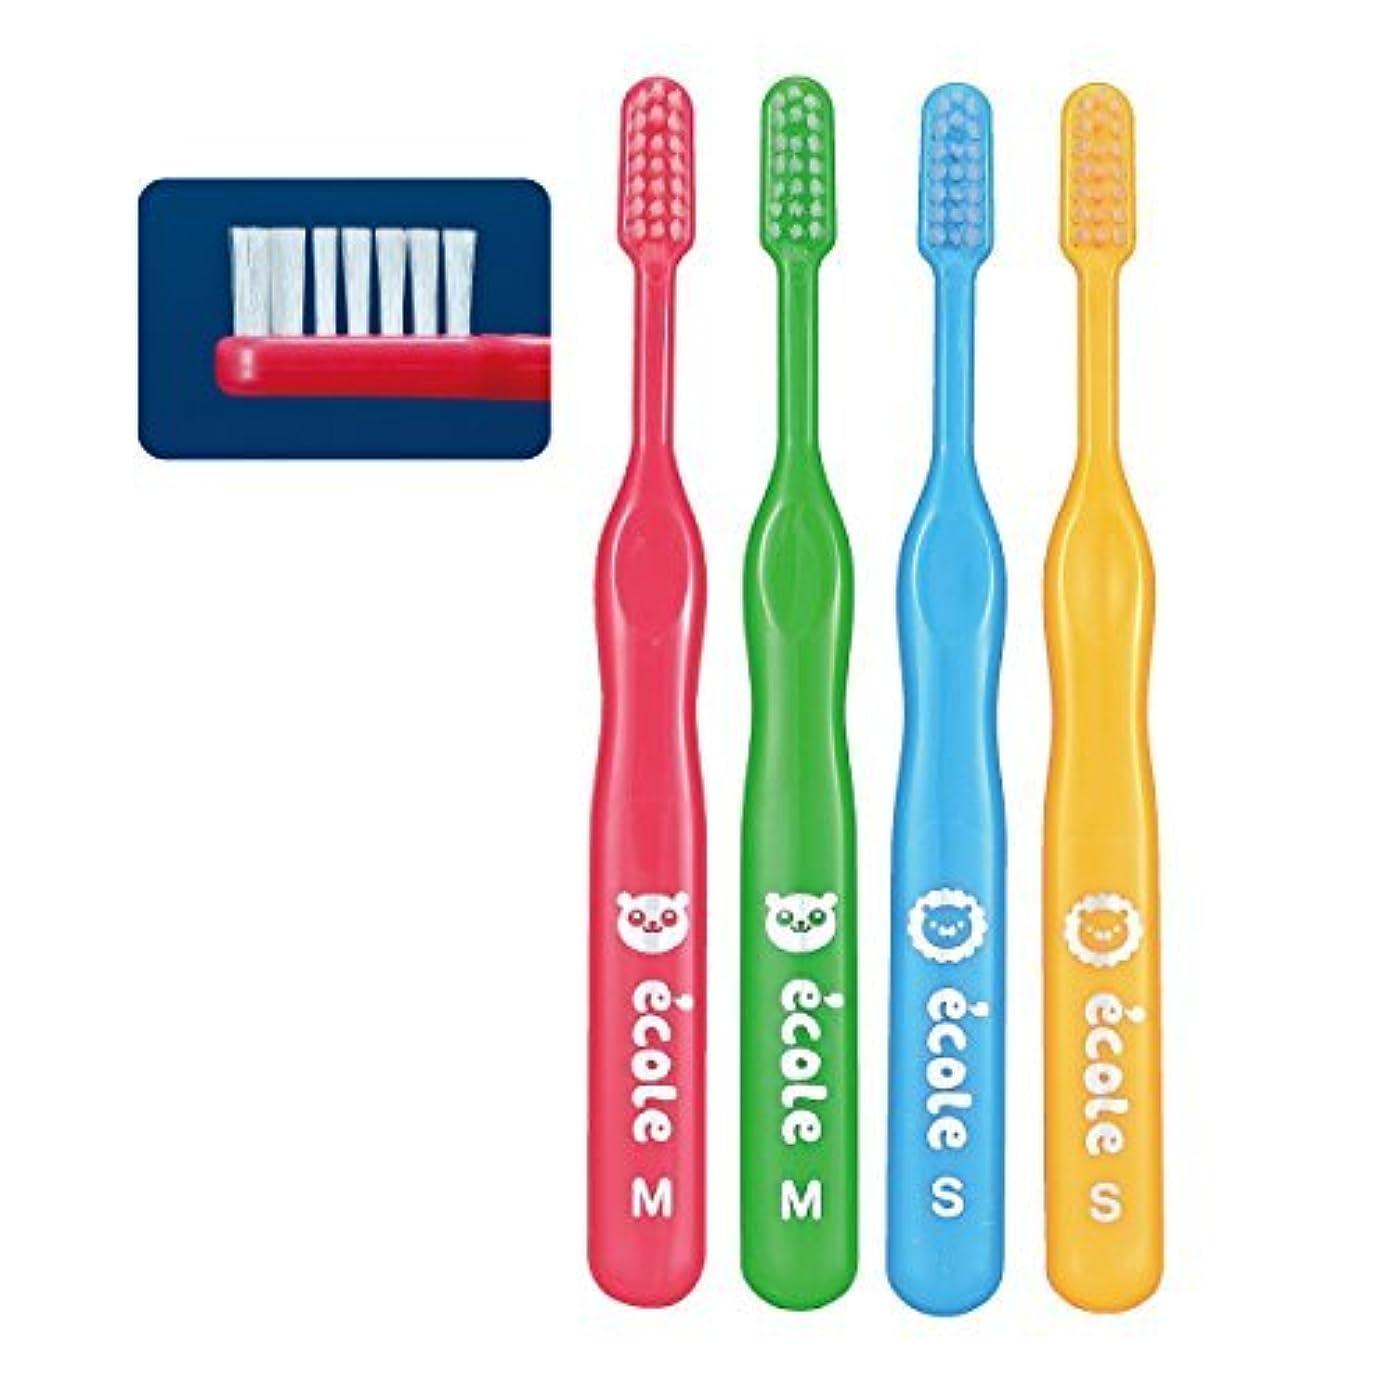 好戦的な深い削除するリセラ エコル 幼児~小学生用歯ブラシ Sやわらかめ 10本入り